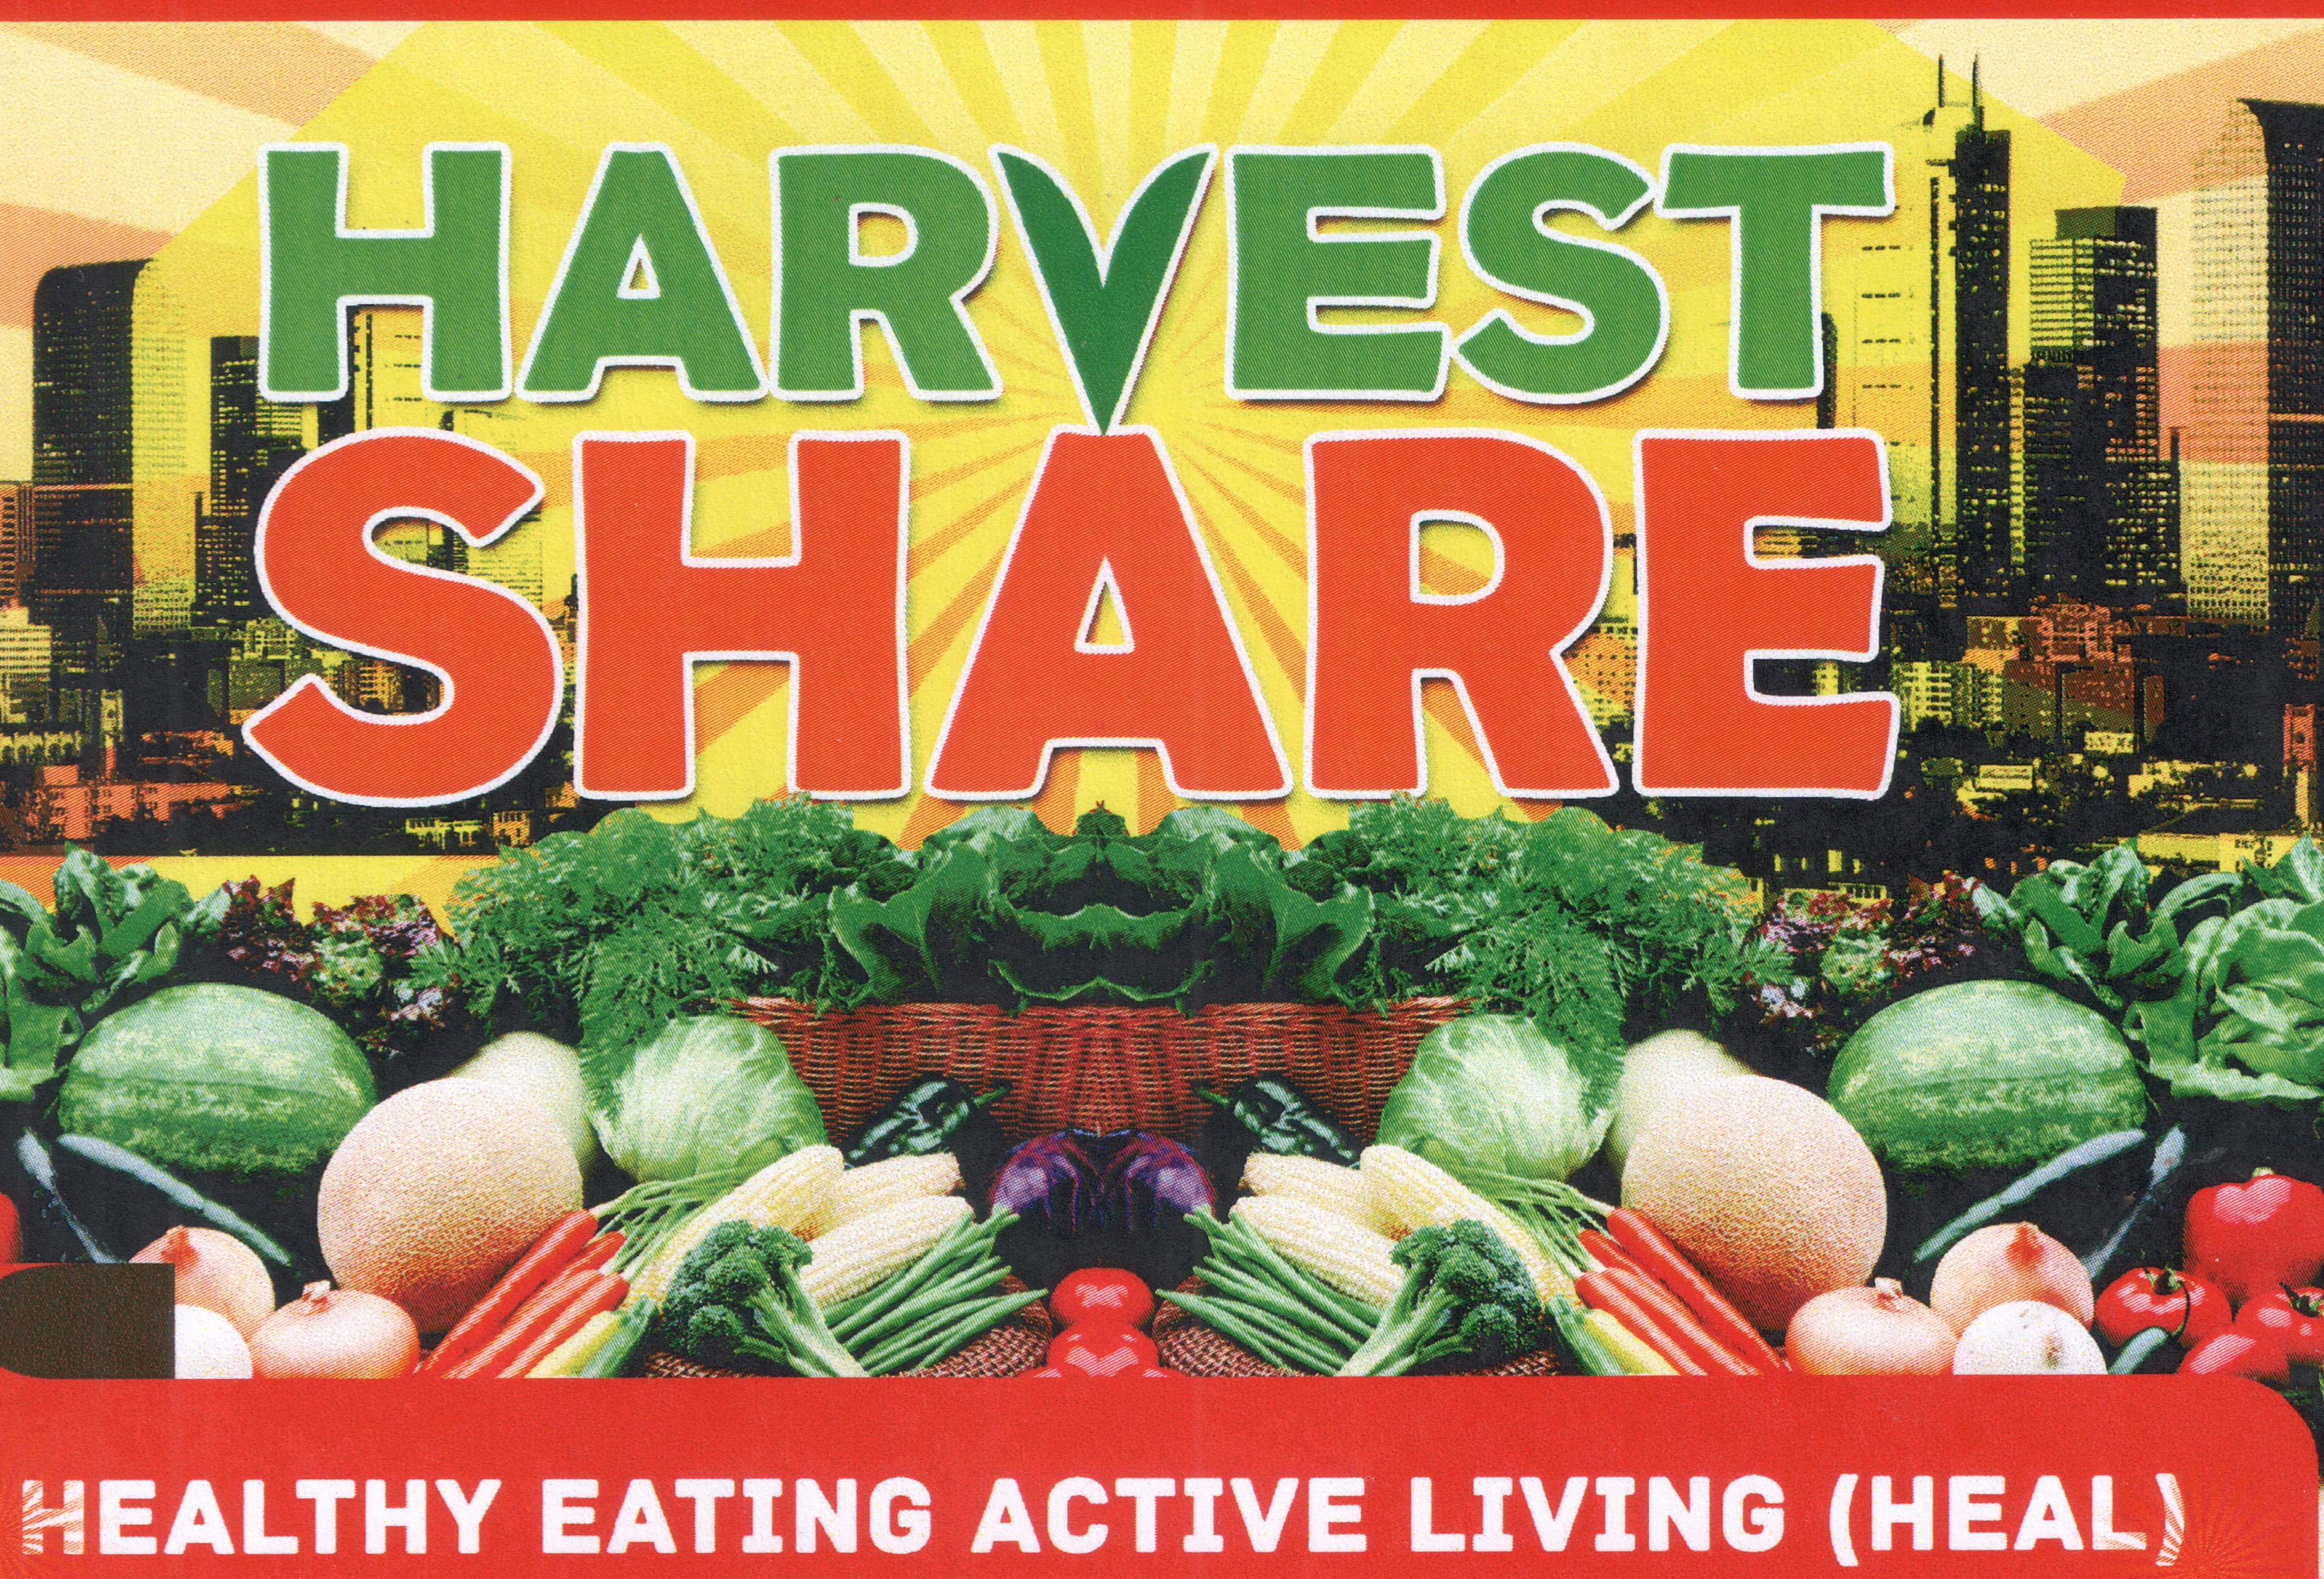 HarvestSHARE Denver